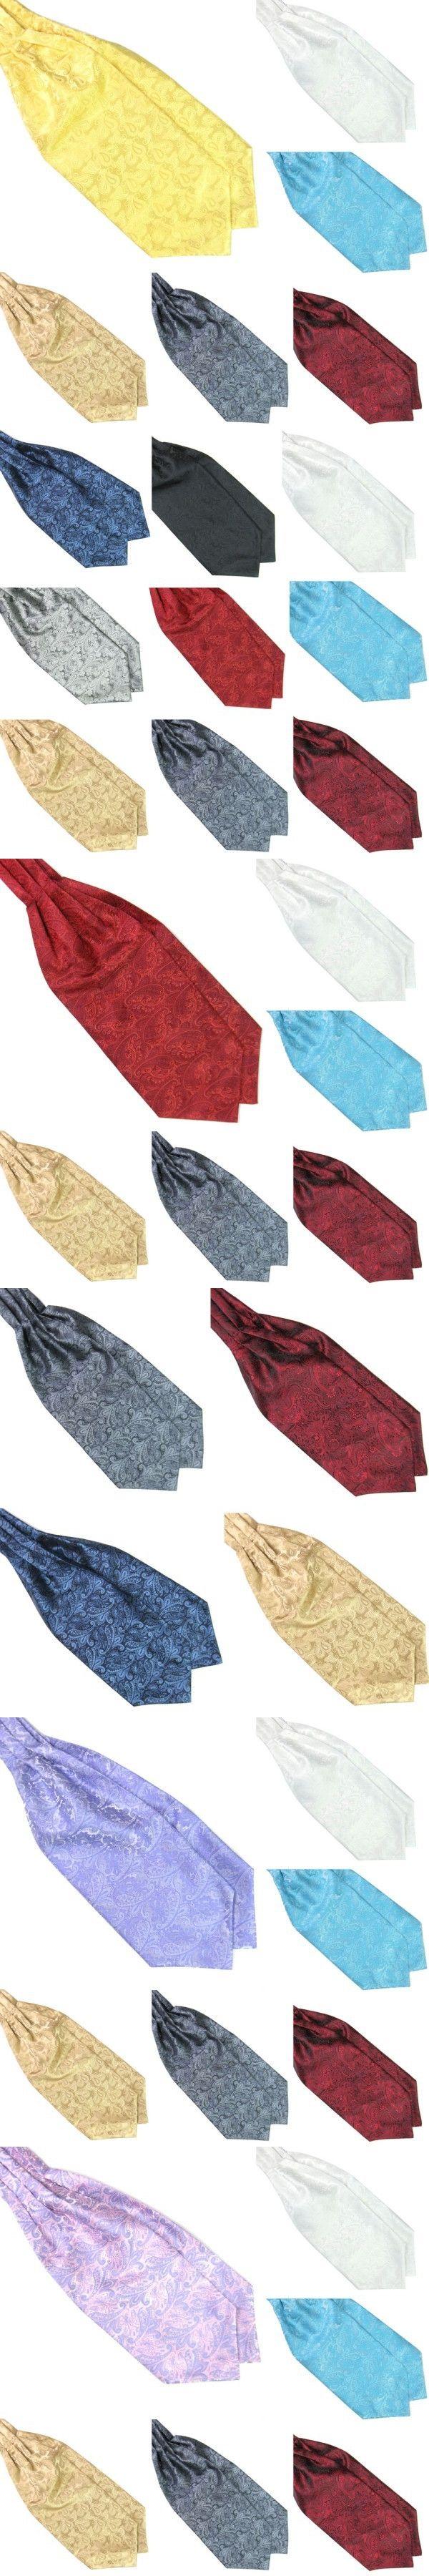 Hot Ascot Tie Cravat Men Neck Tie Satin Self Tie For Wedding